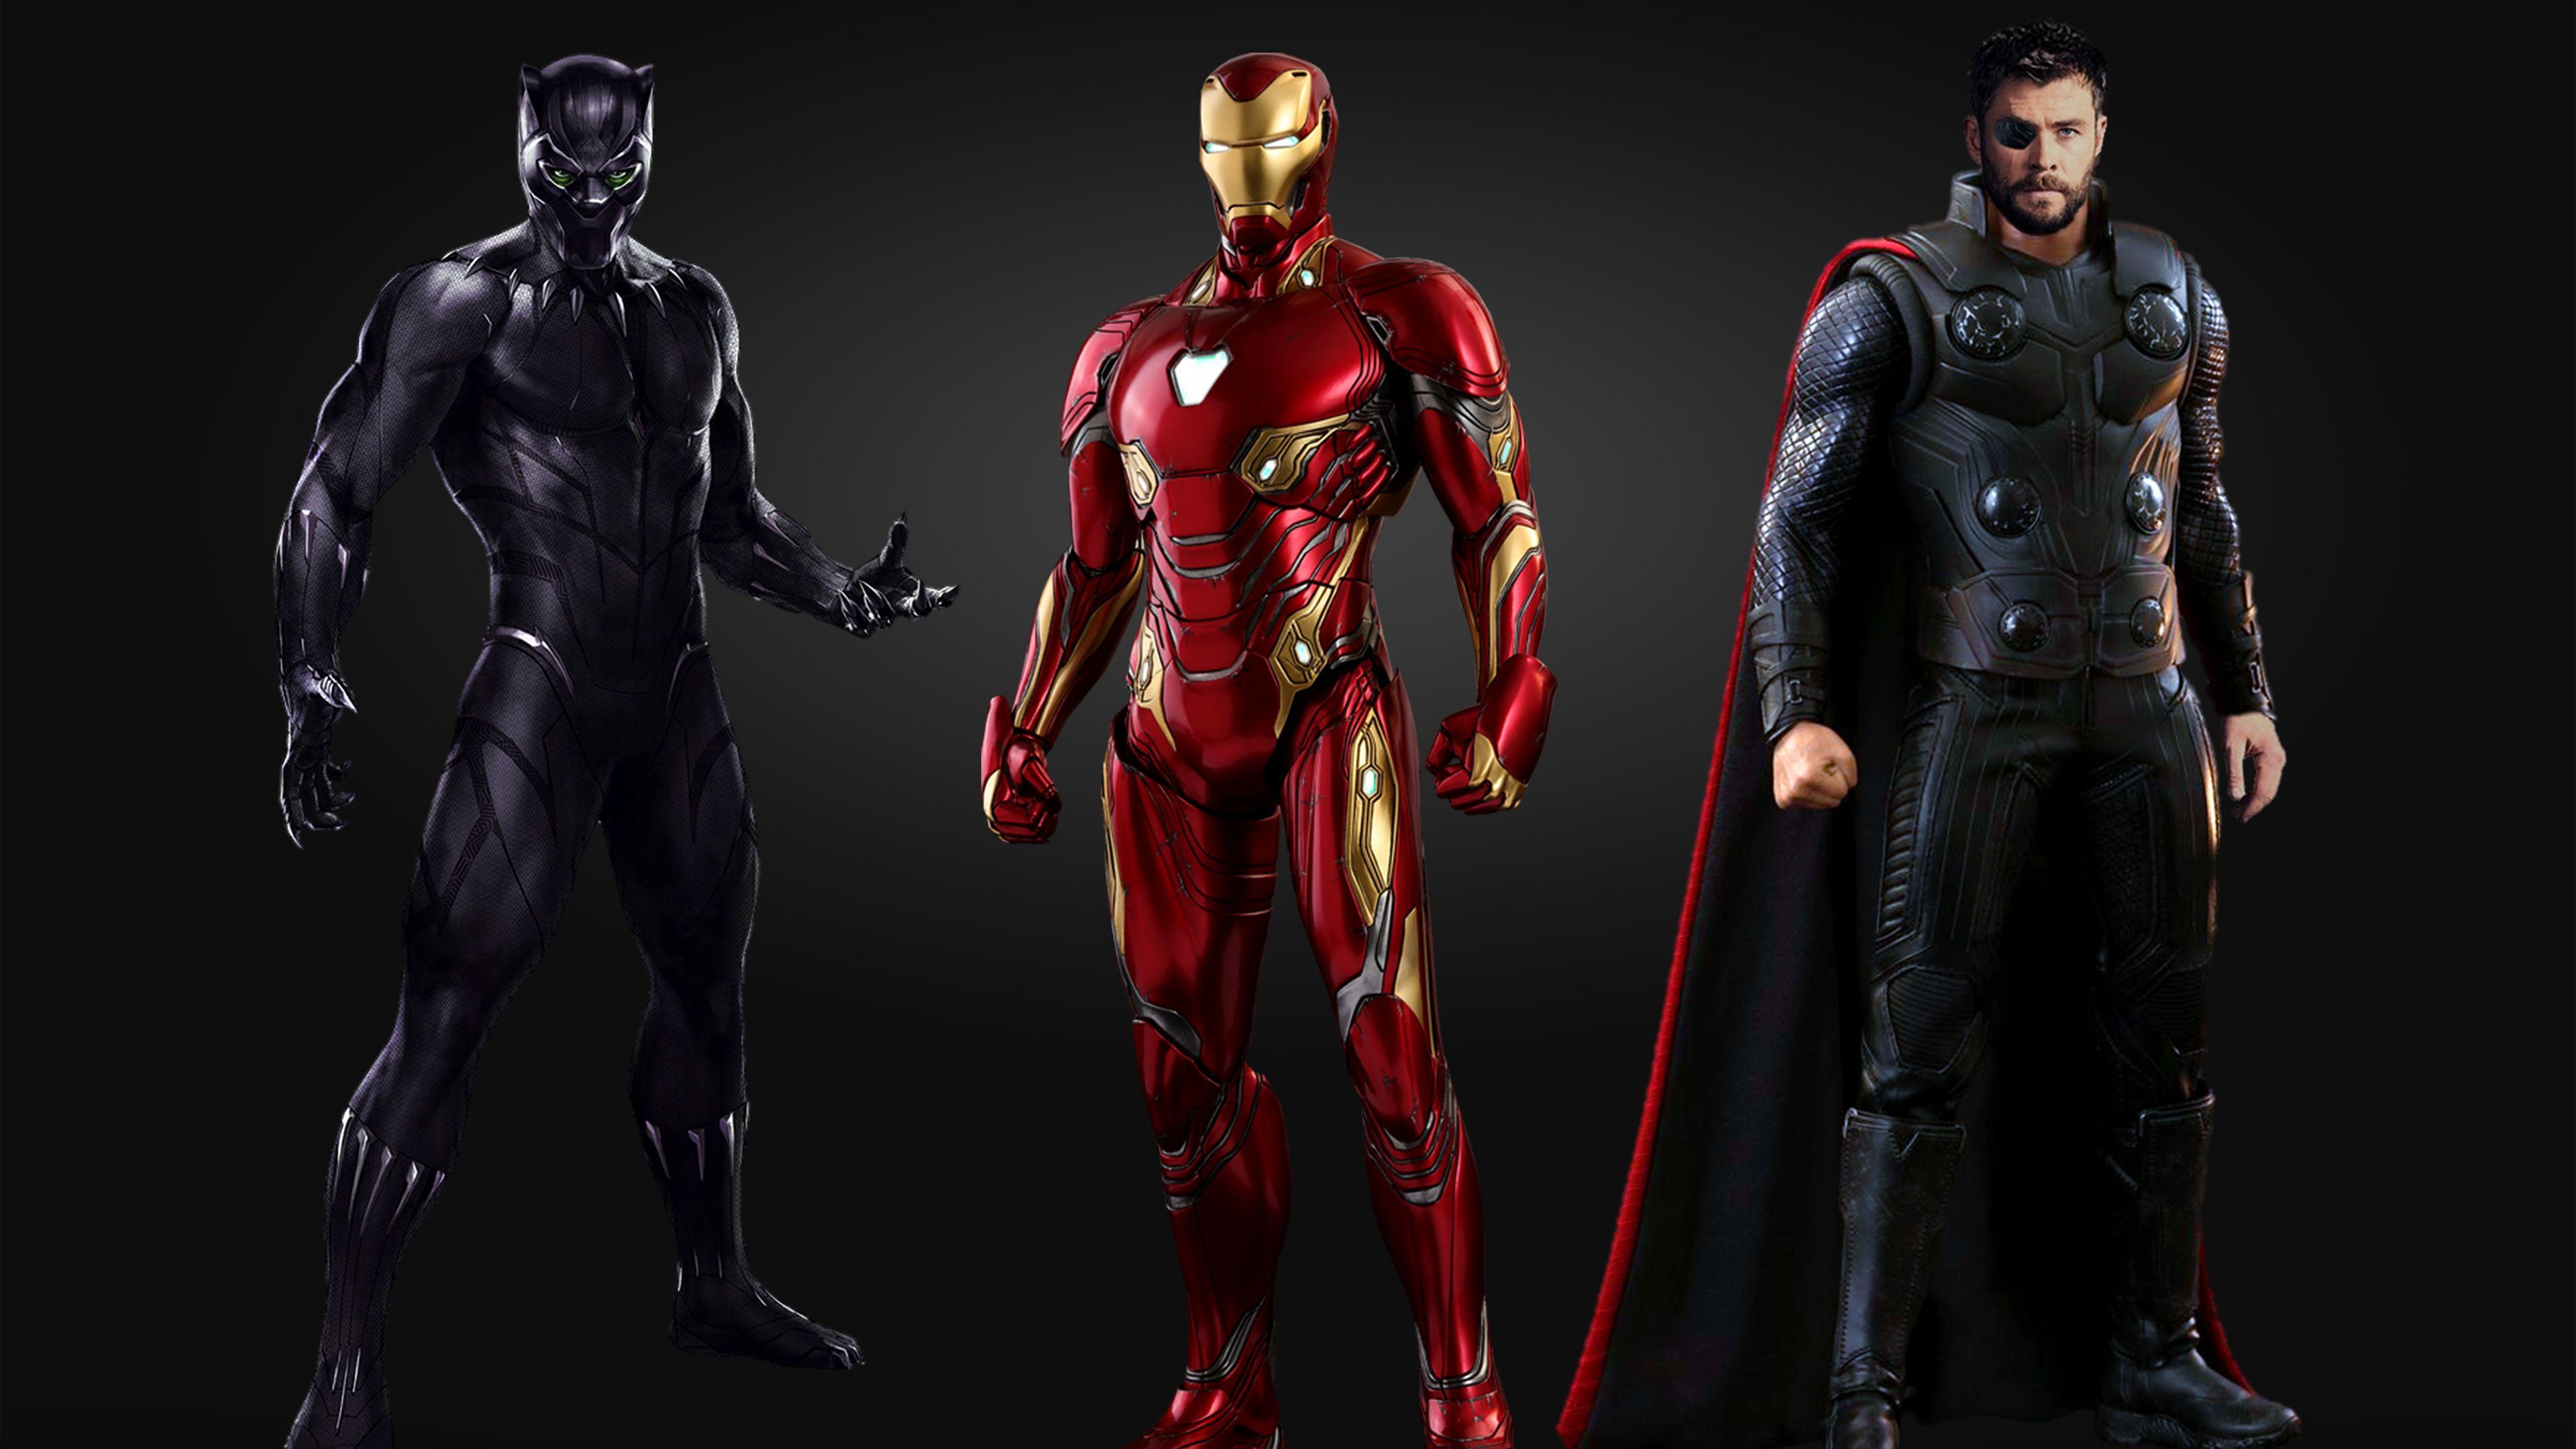 Black Panther Iron Man Thor 4k Thor Wallpapers Superheroes